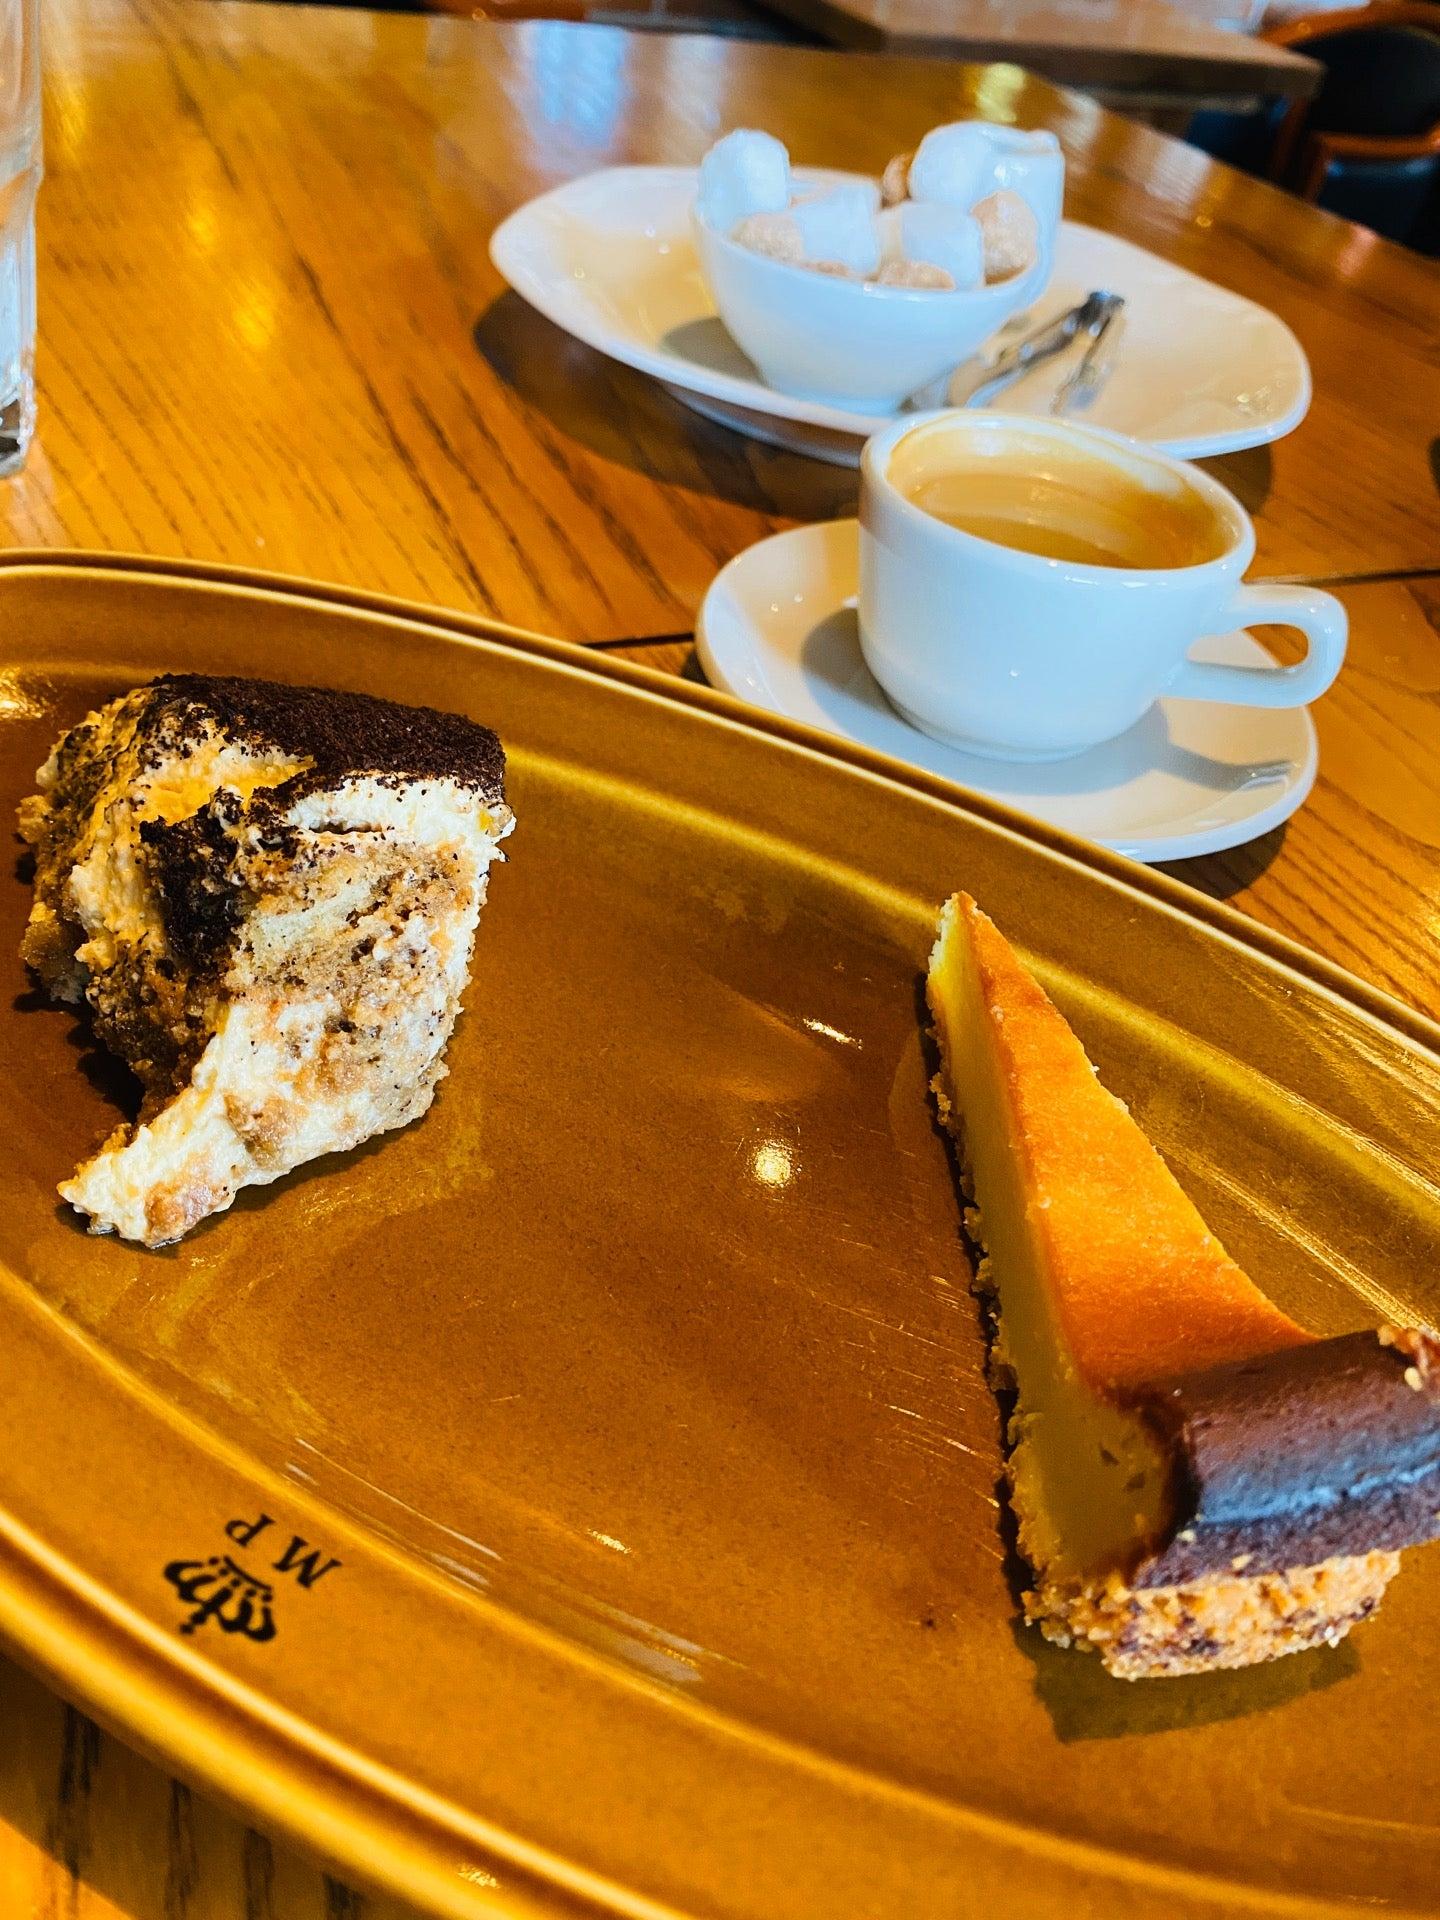 エスプレッソとティラミスとゴルゴンゾーラのチーズケーキ (@ イタリア料理 Kan in 小牧市, 愛知県) https://t.co/BBf5leQioC https://t.co/DRSedrCgHL